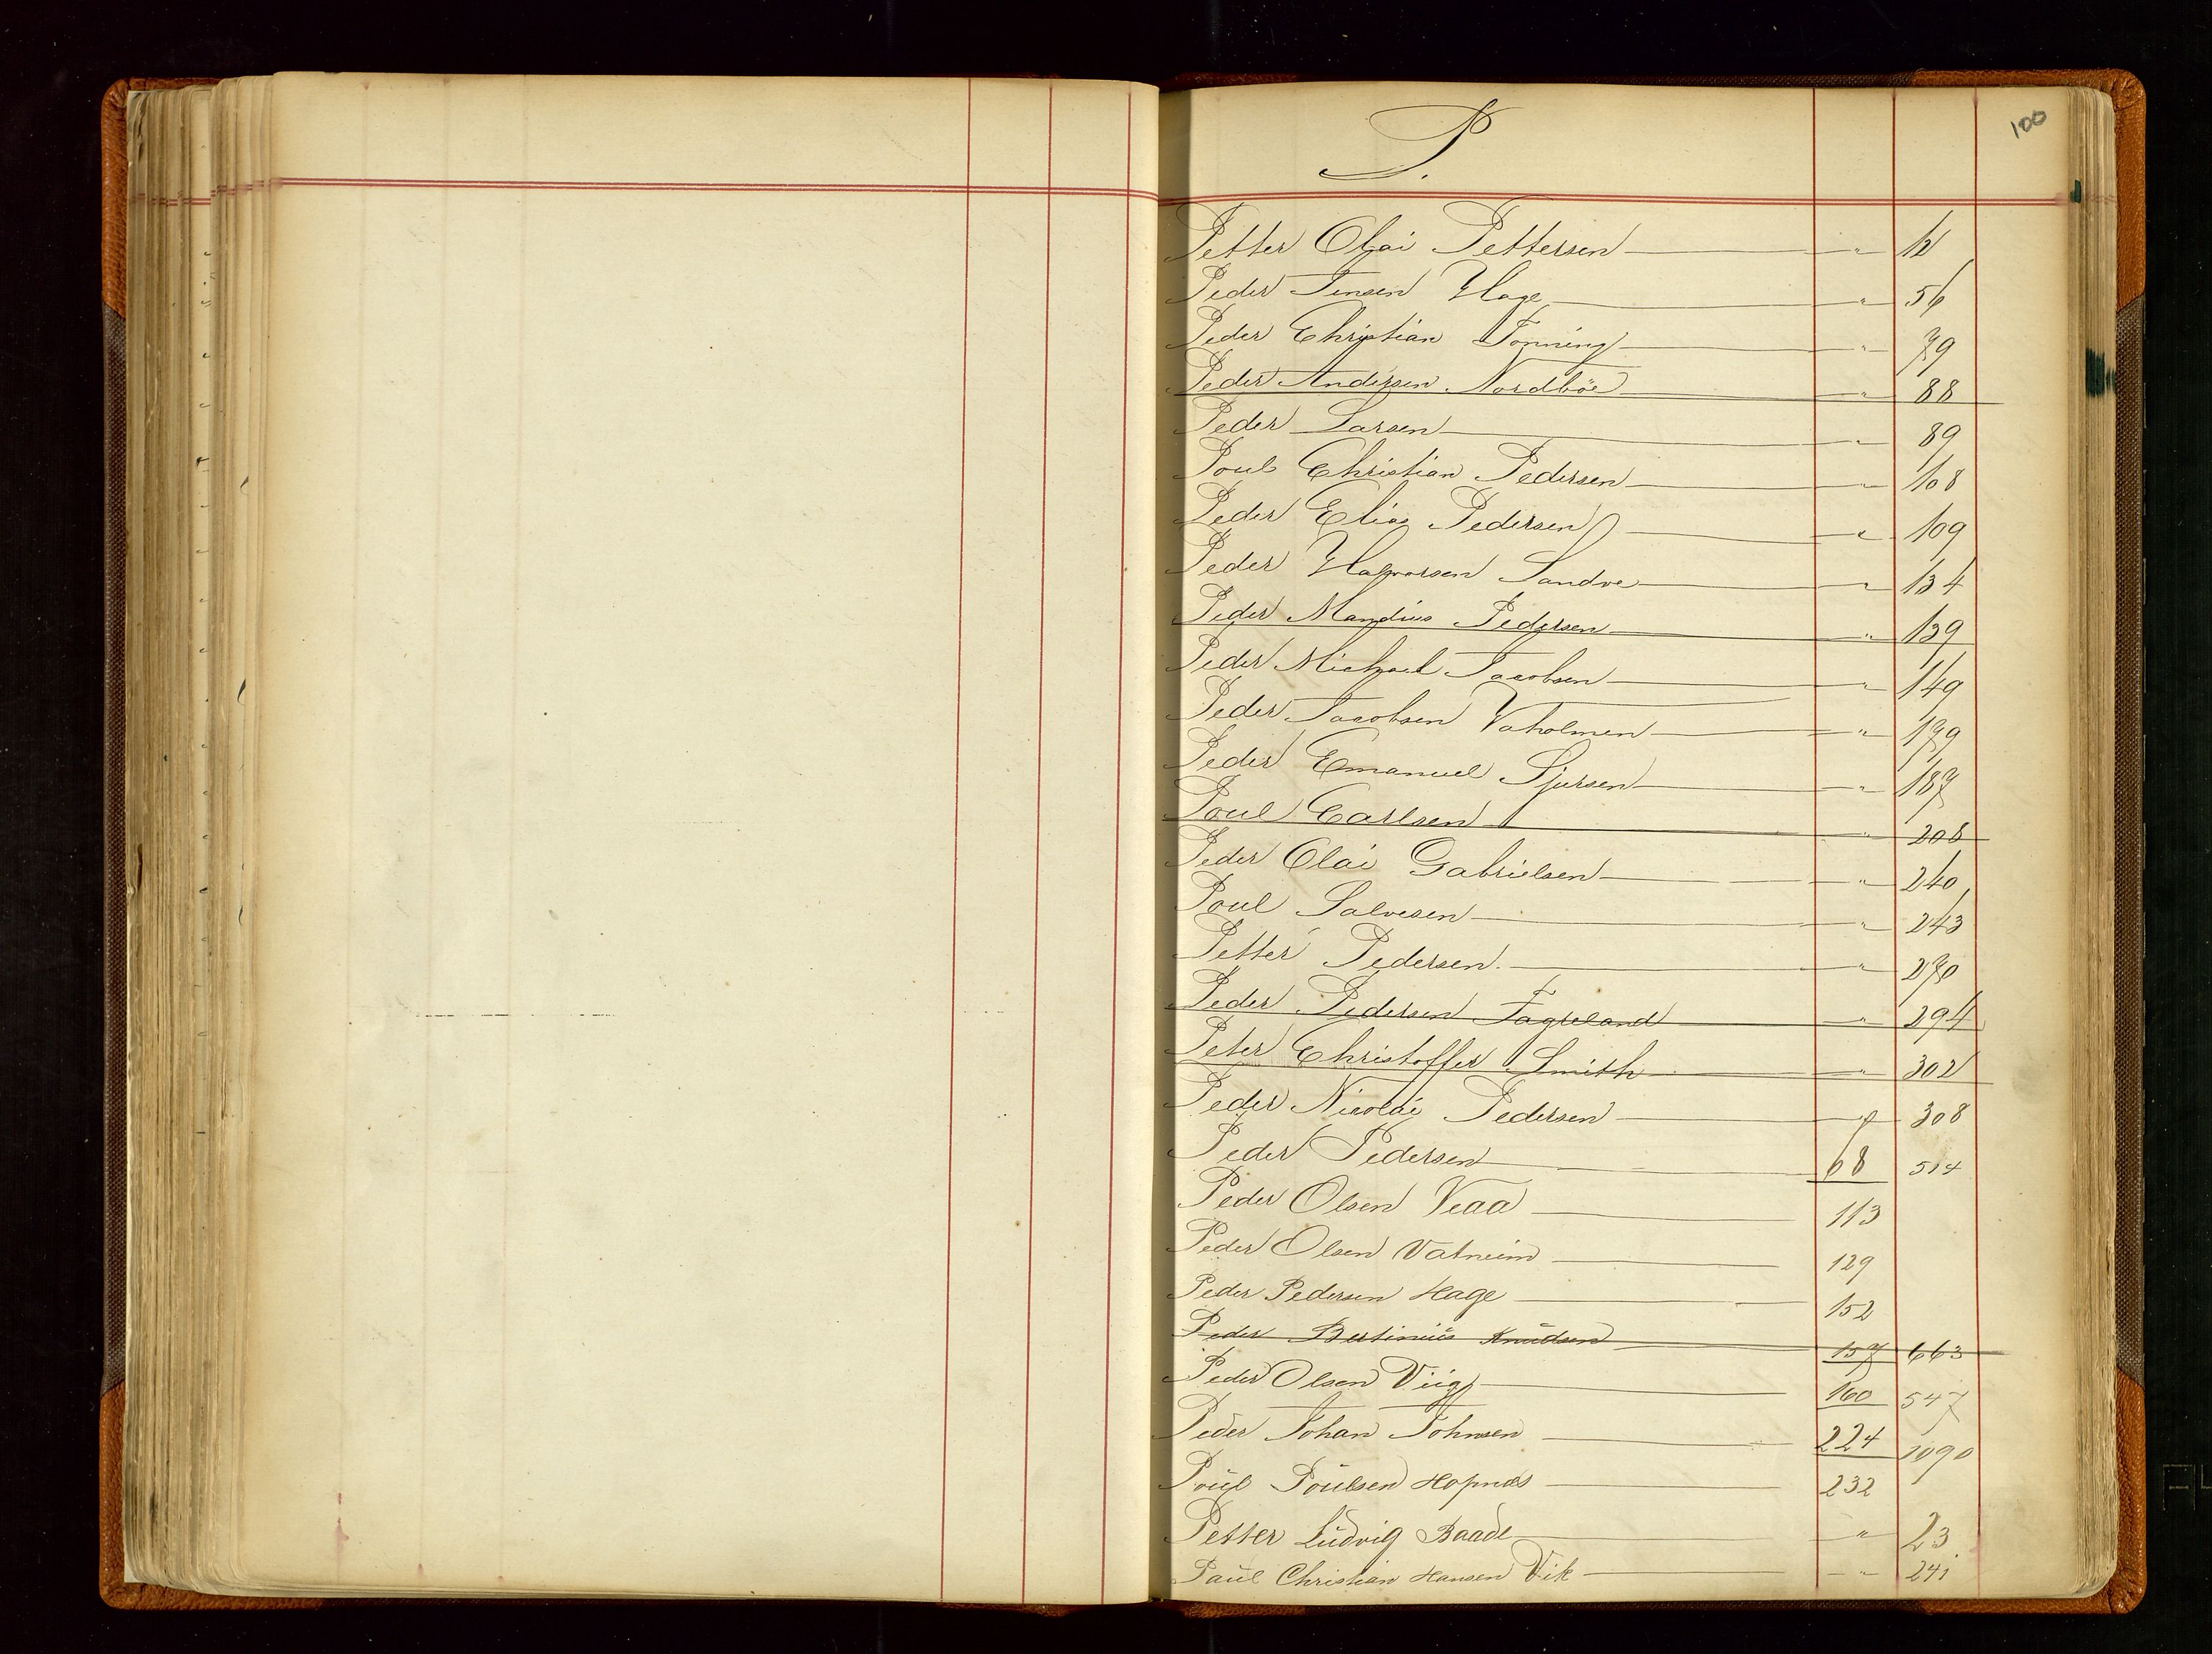 SAST, Haugesund sjømannskontor, F/Fb/Fba/L0001: Navneregister med henvisning til rullenr (Fornavn) Skudenes krets, 1860-1948, s. 100